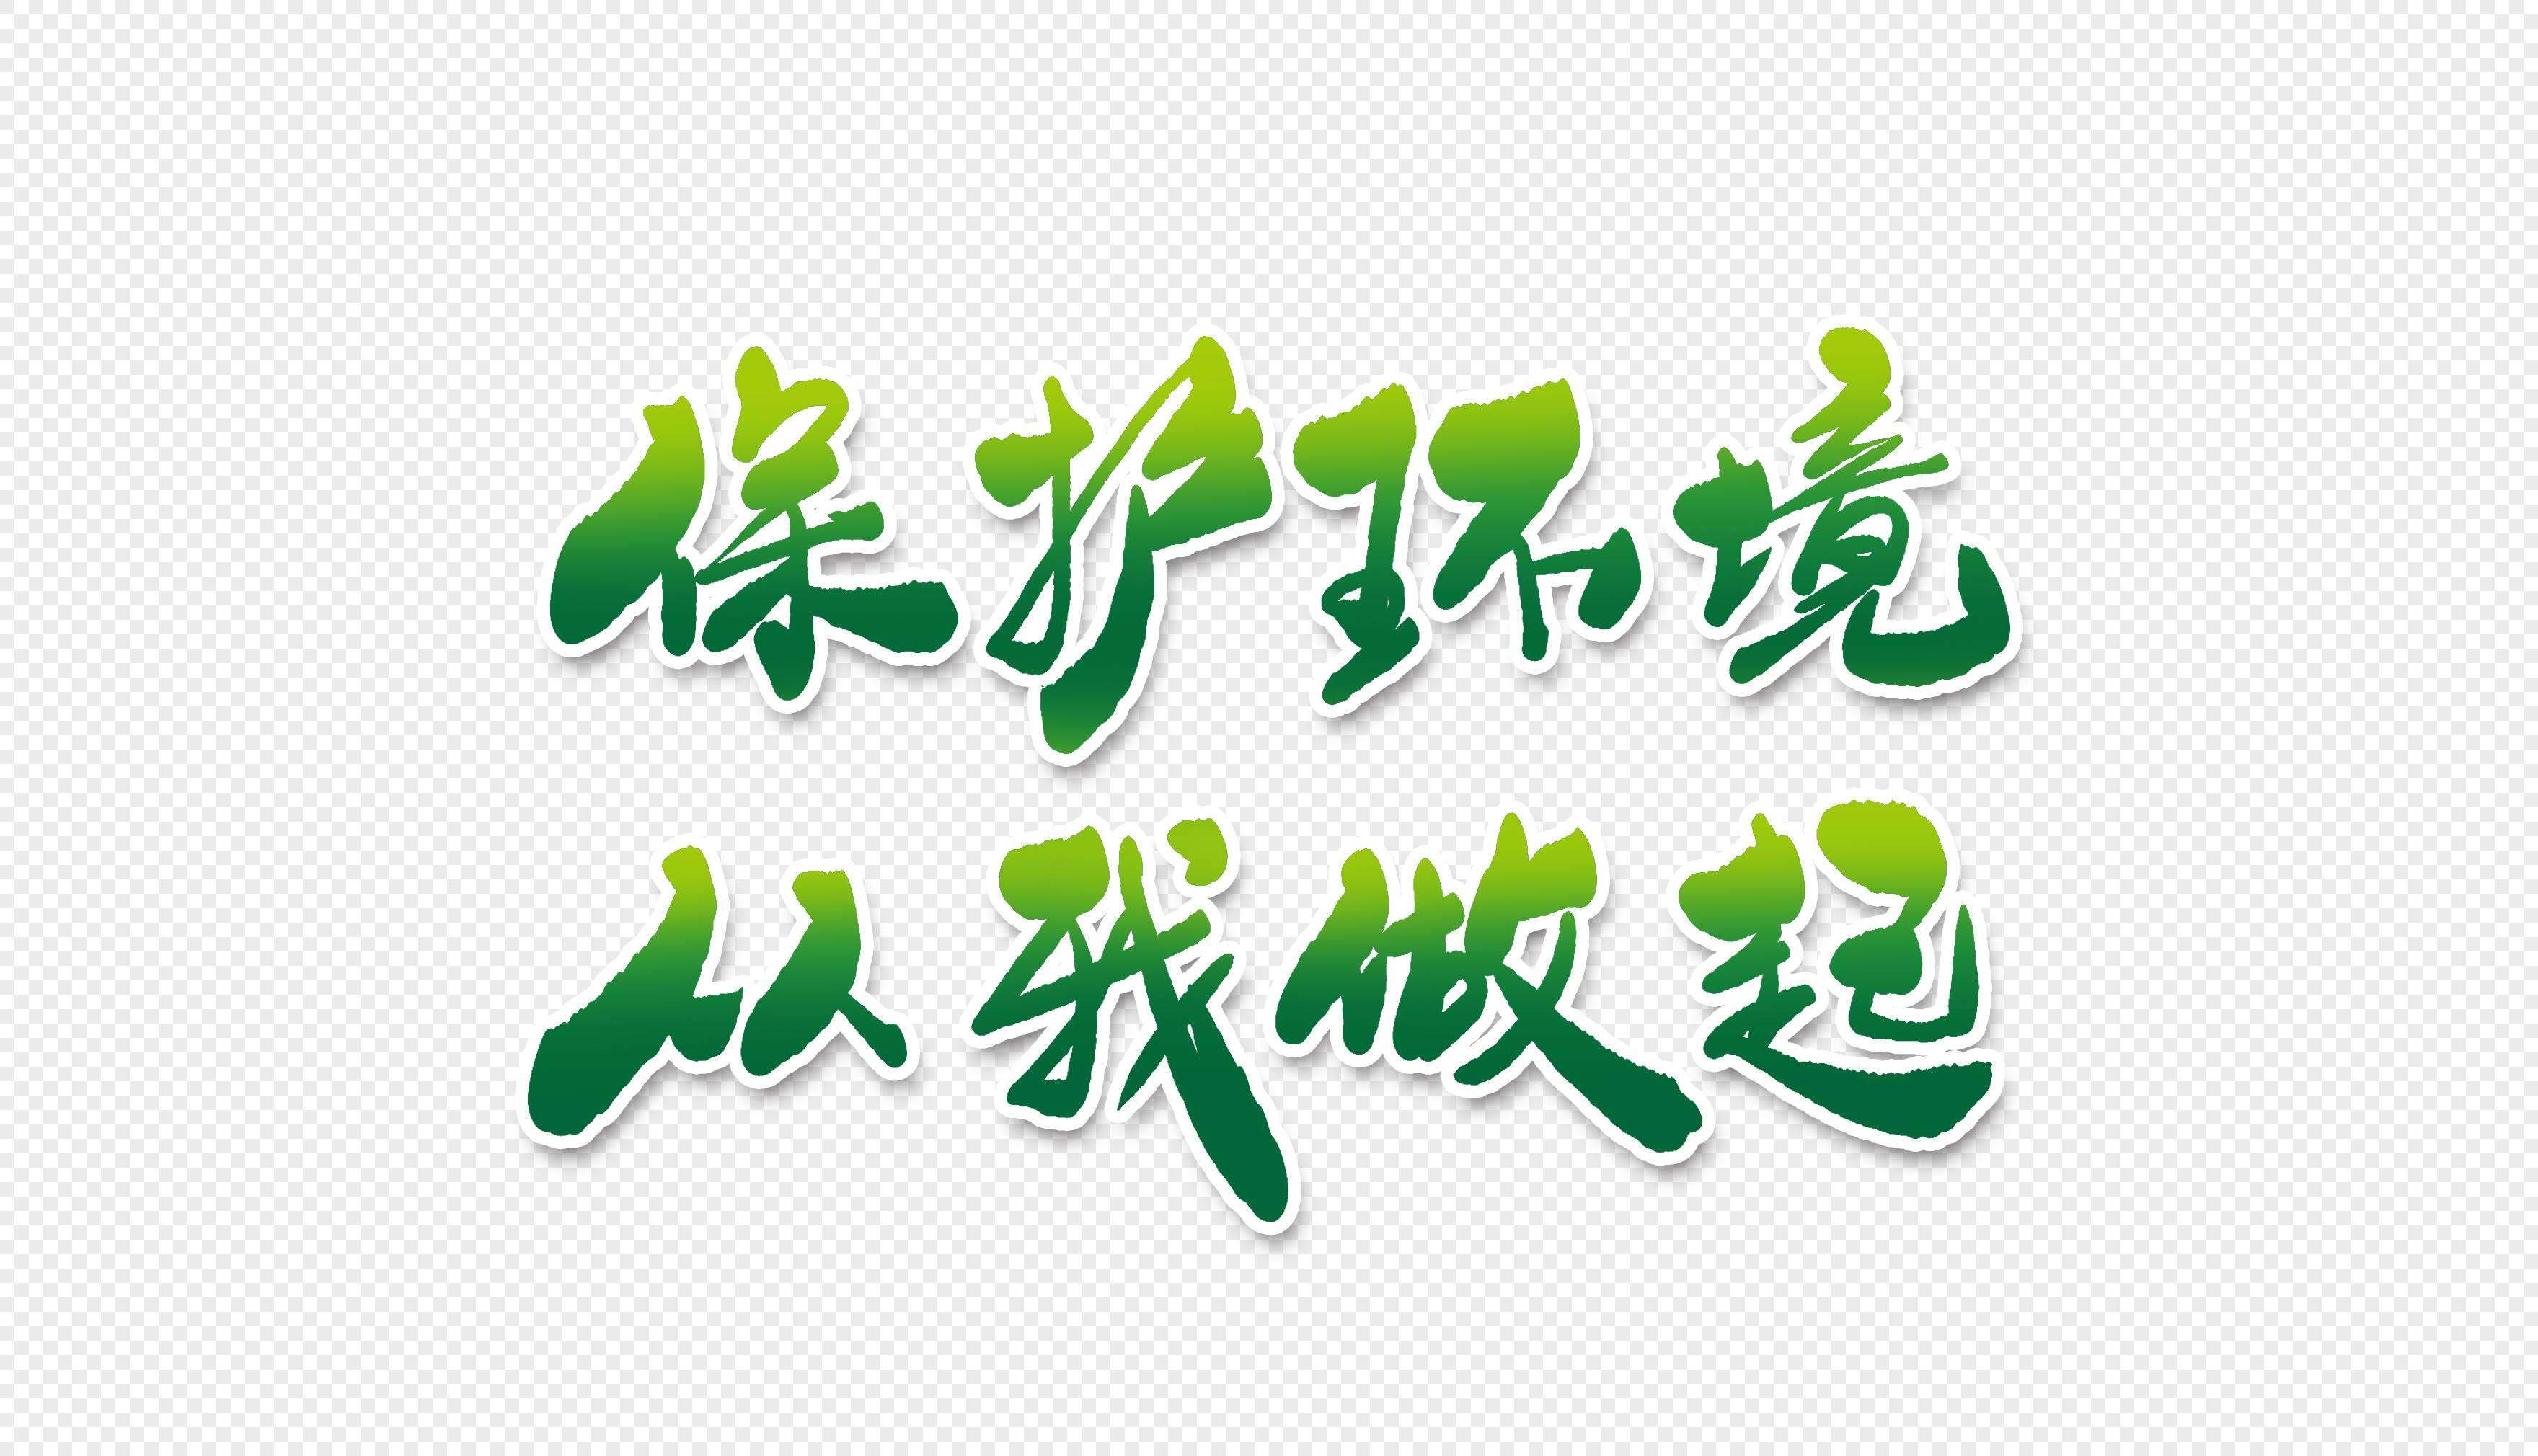 保护环境从我做起字体设计